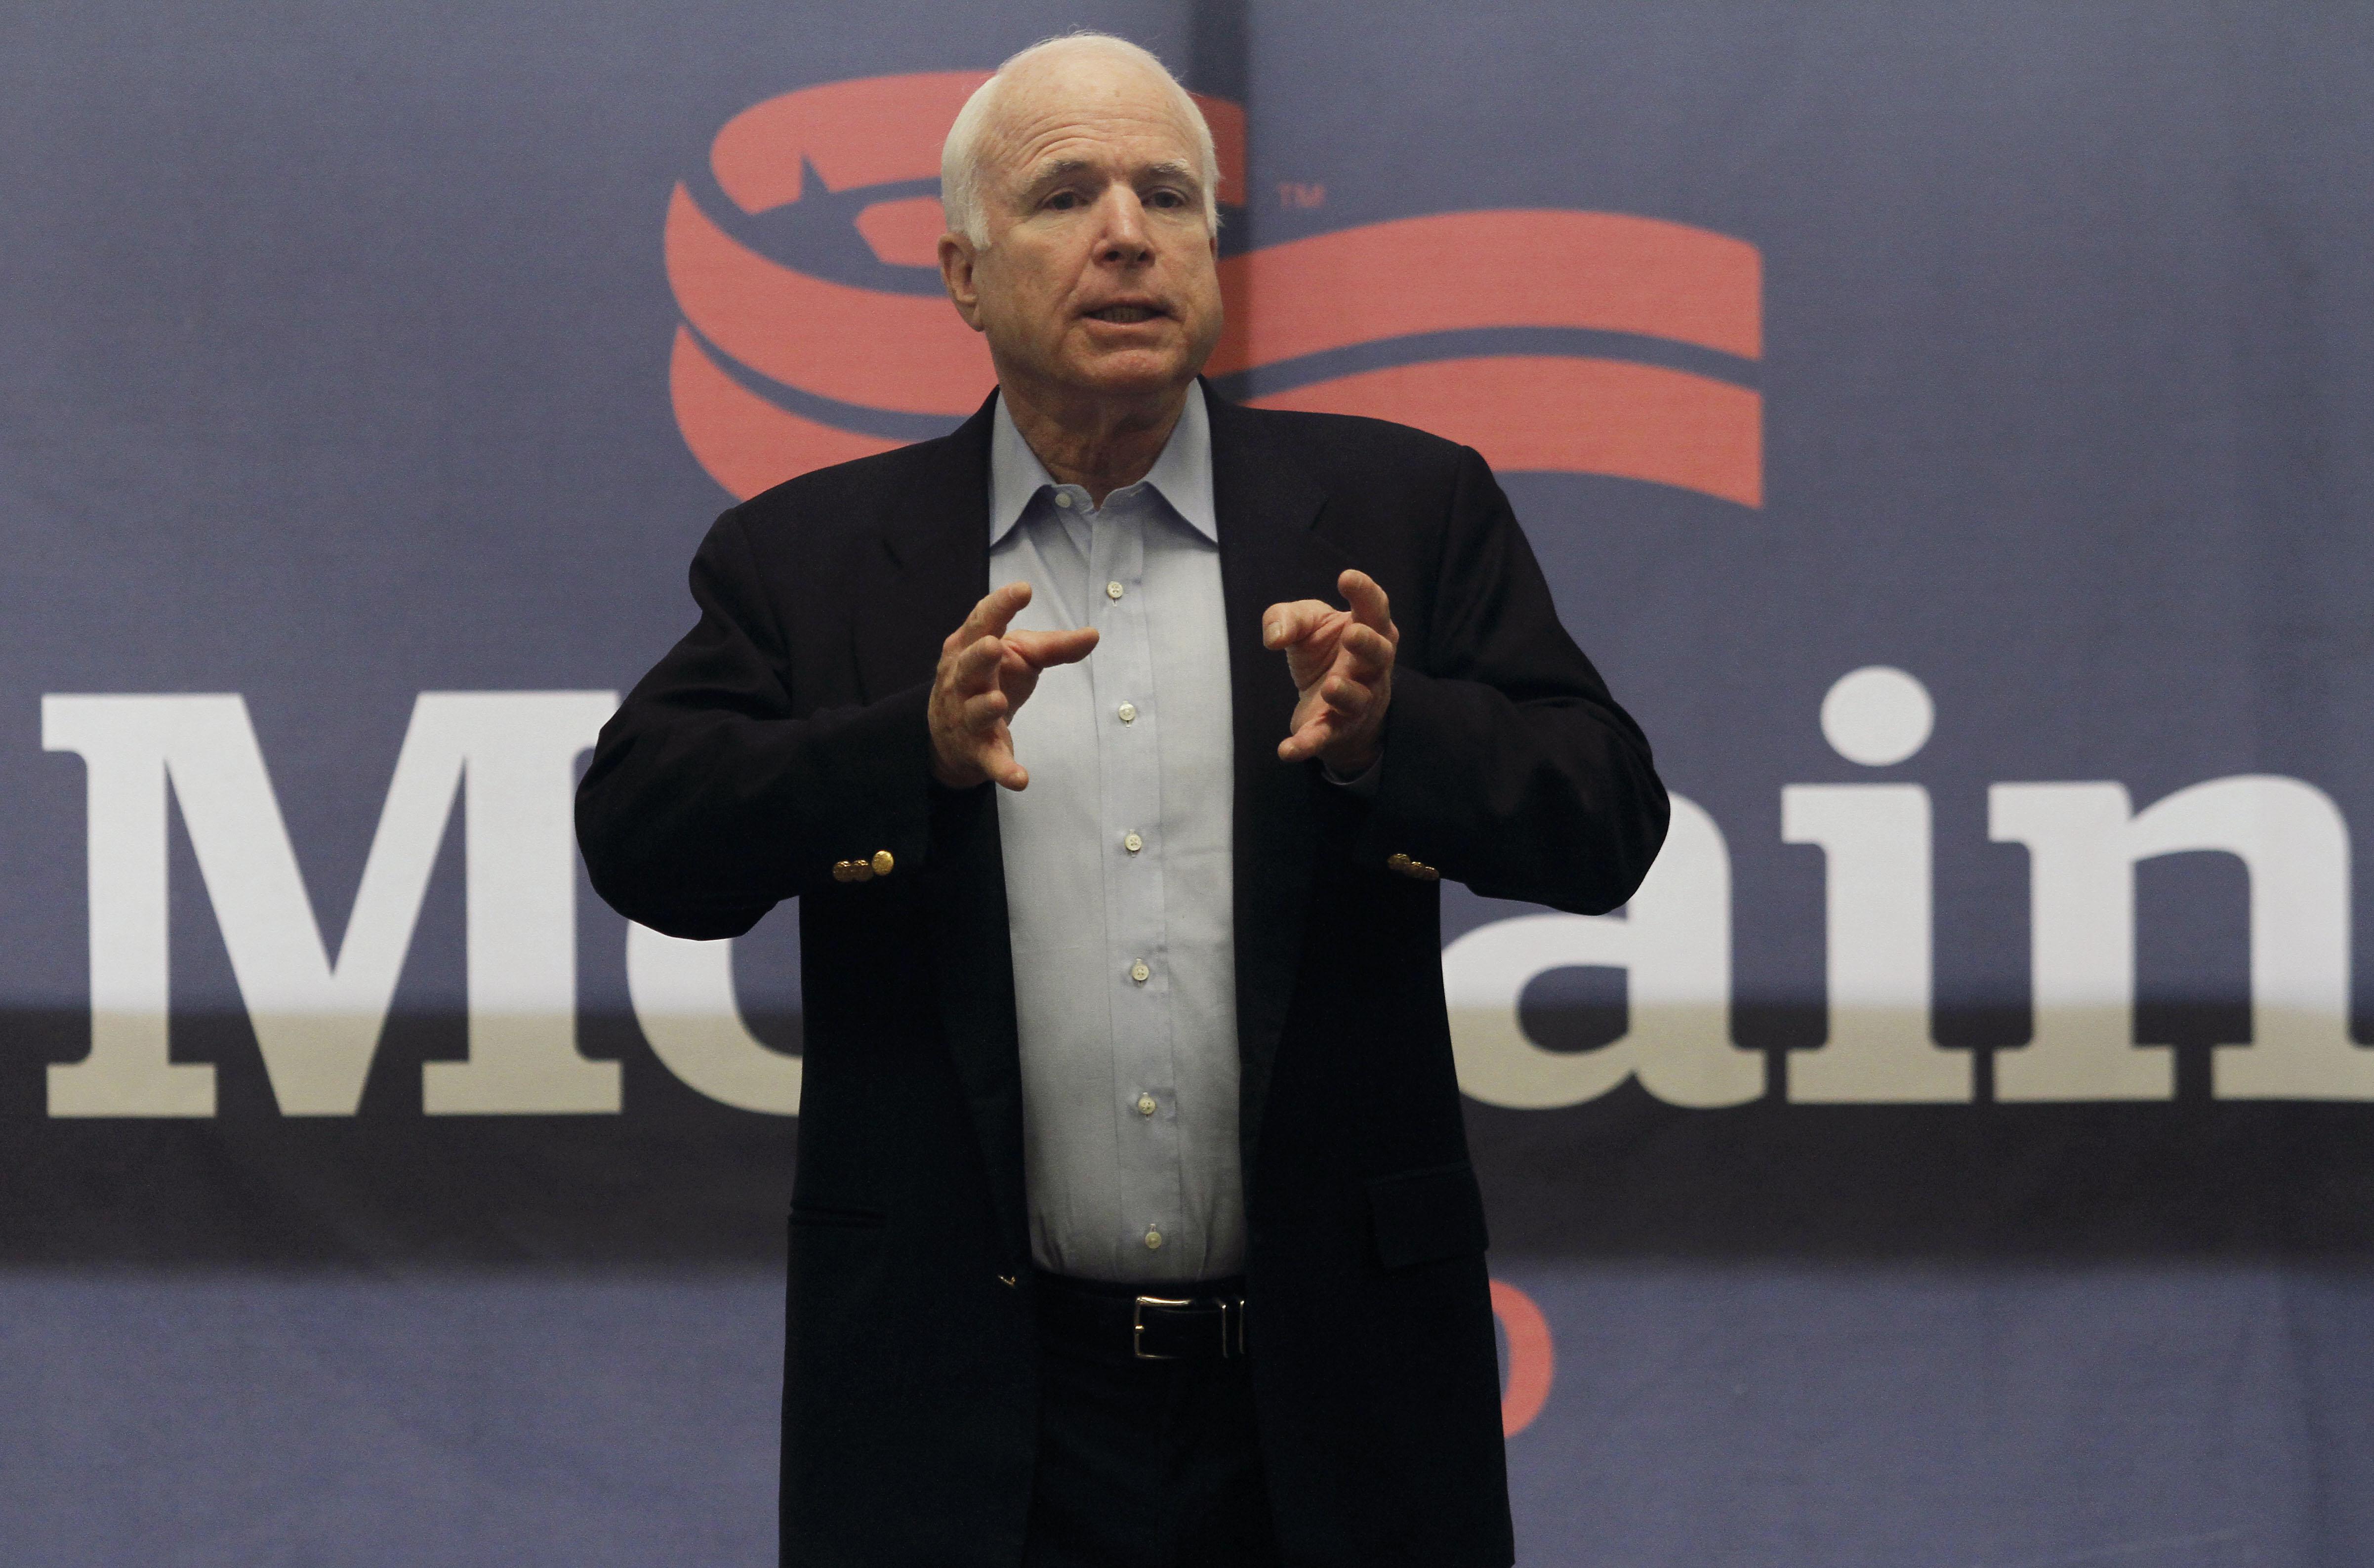 Sen. McCain Campaigns In Arizona